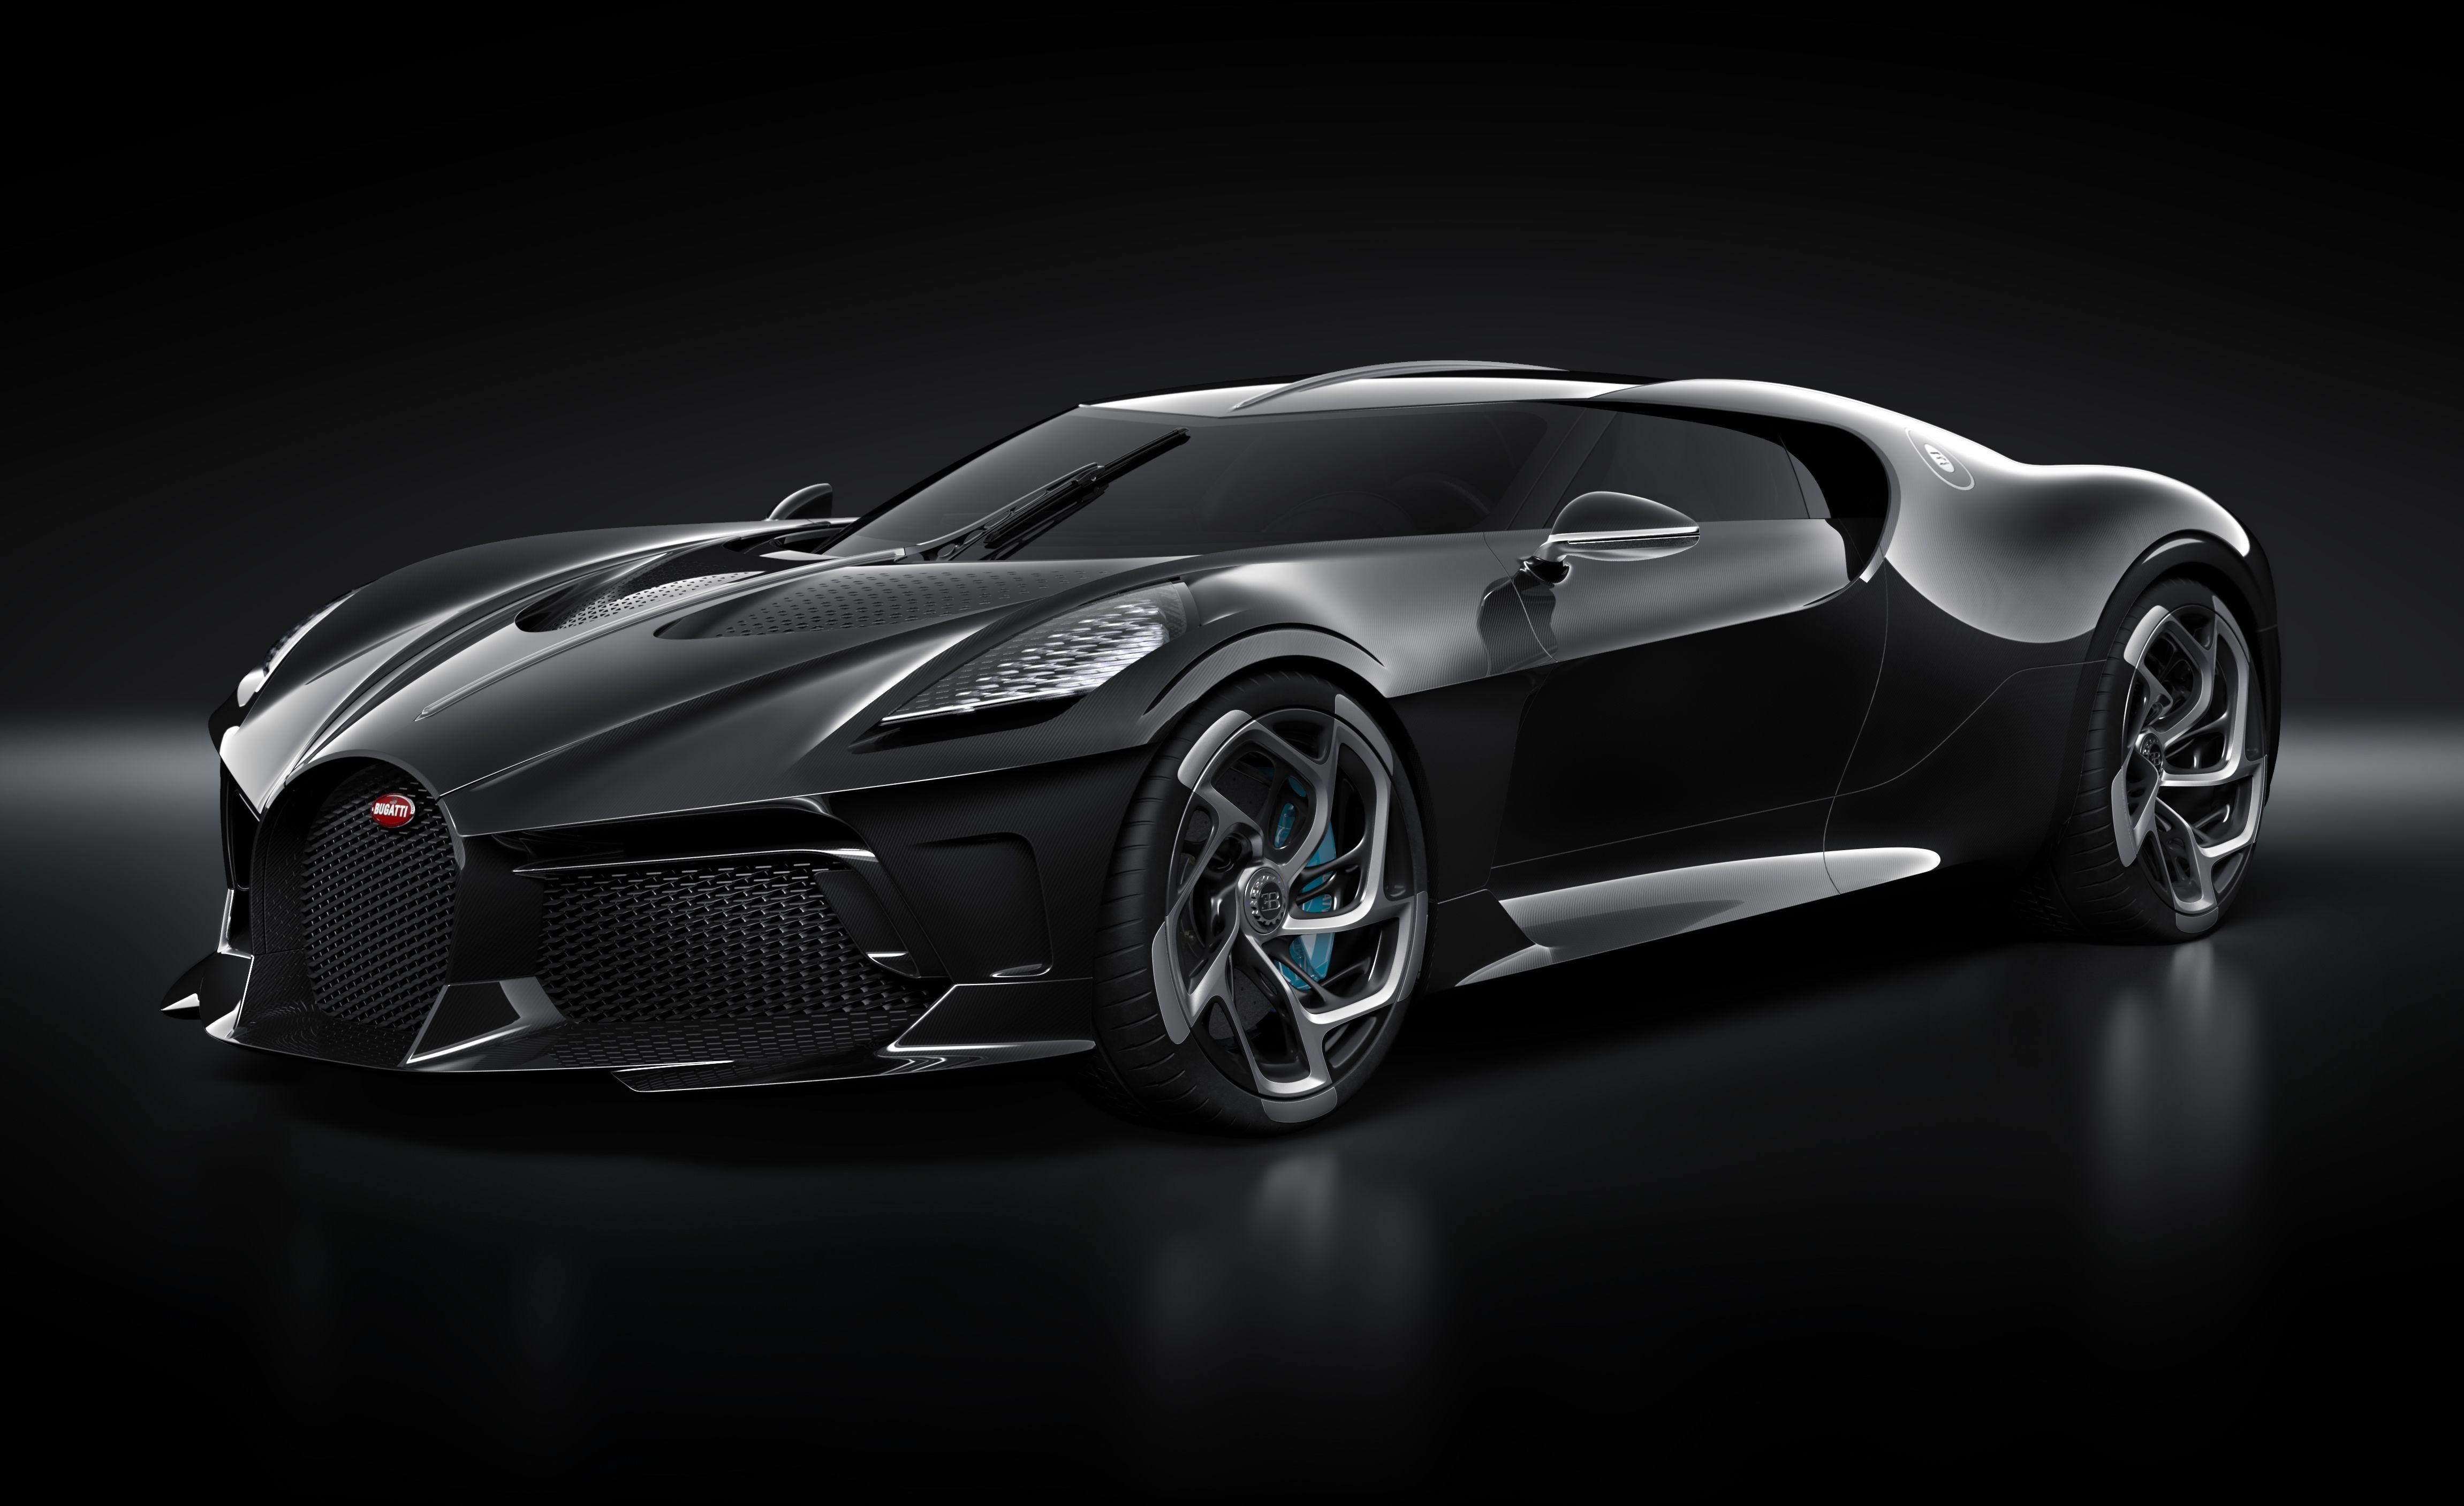 Every Angle of the $18.9 Million Bugatti La Voiture Noire